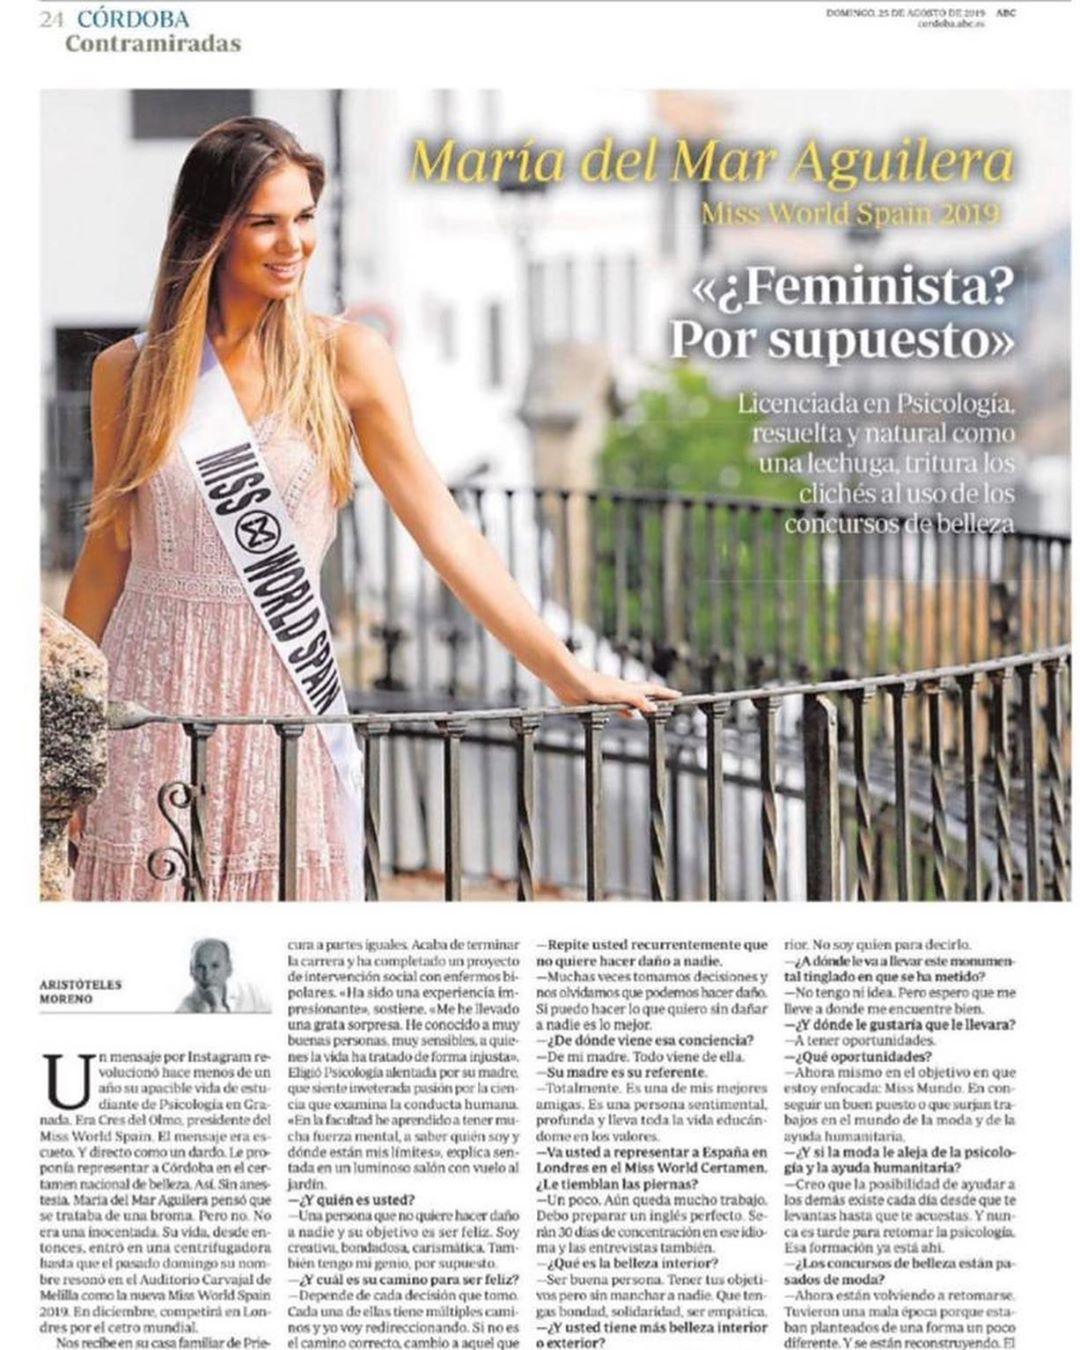 maria del mar aguilera, top 40 de miss world 2019. - Página 2 67795610